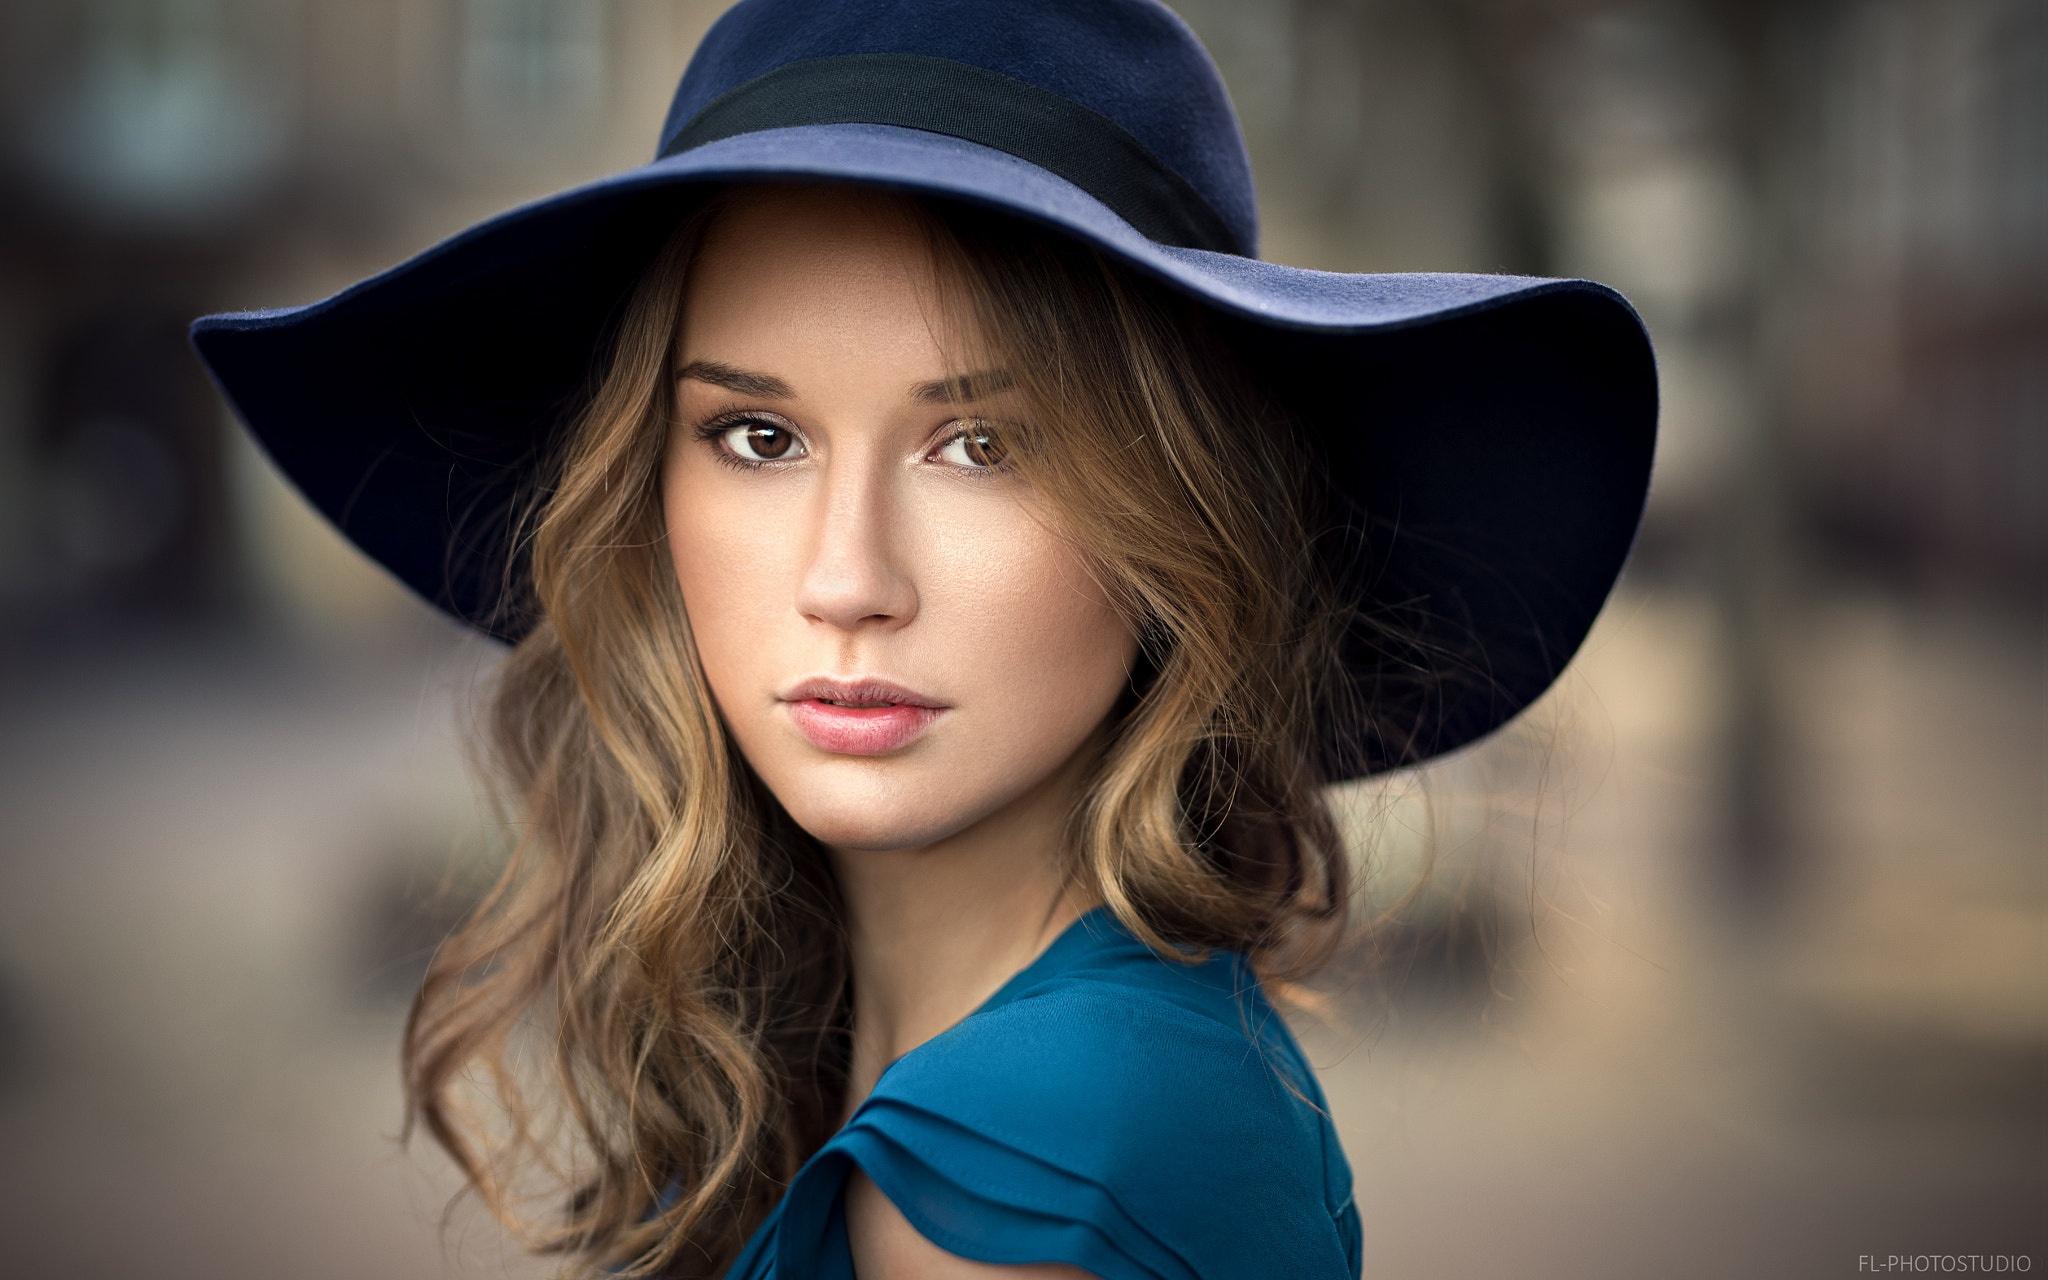 девушка шляпка лицо взгляд бесплатно